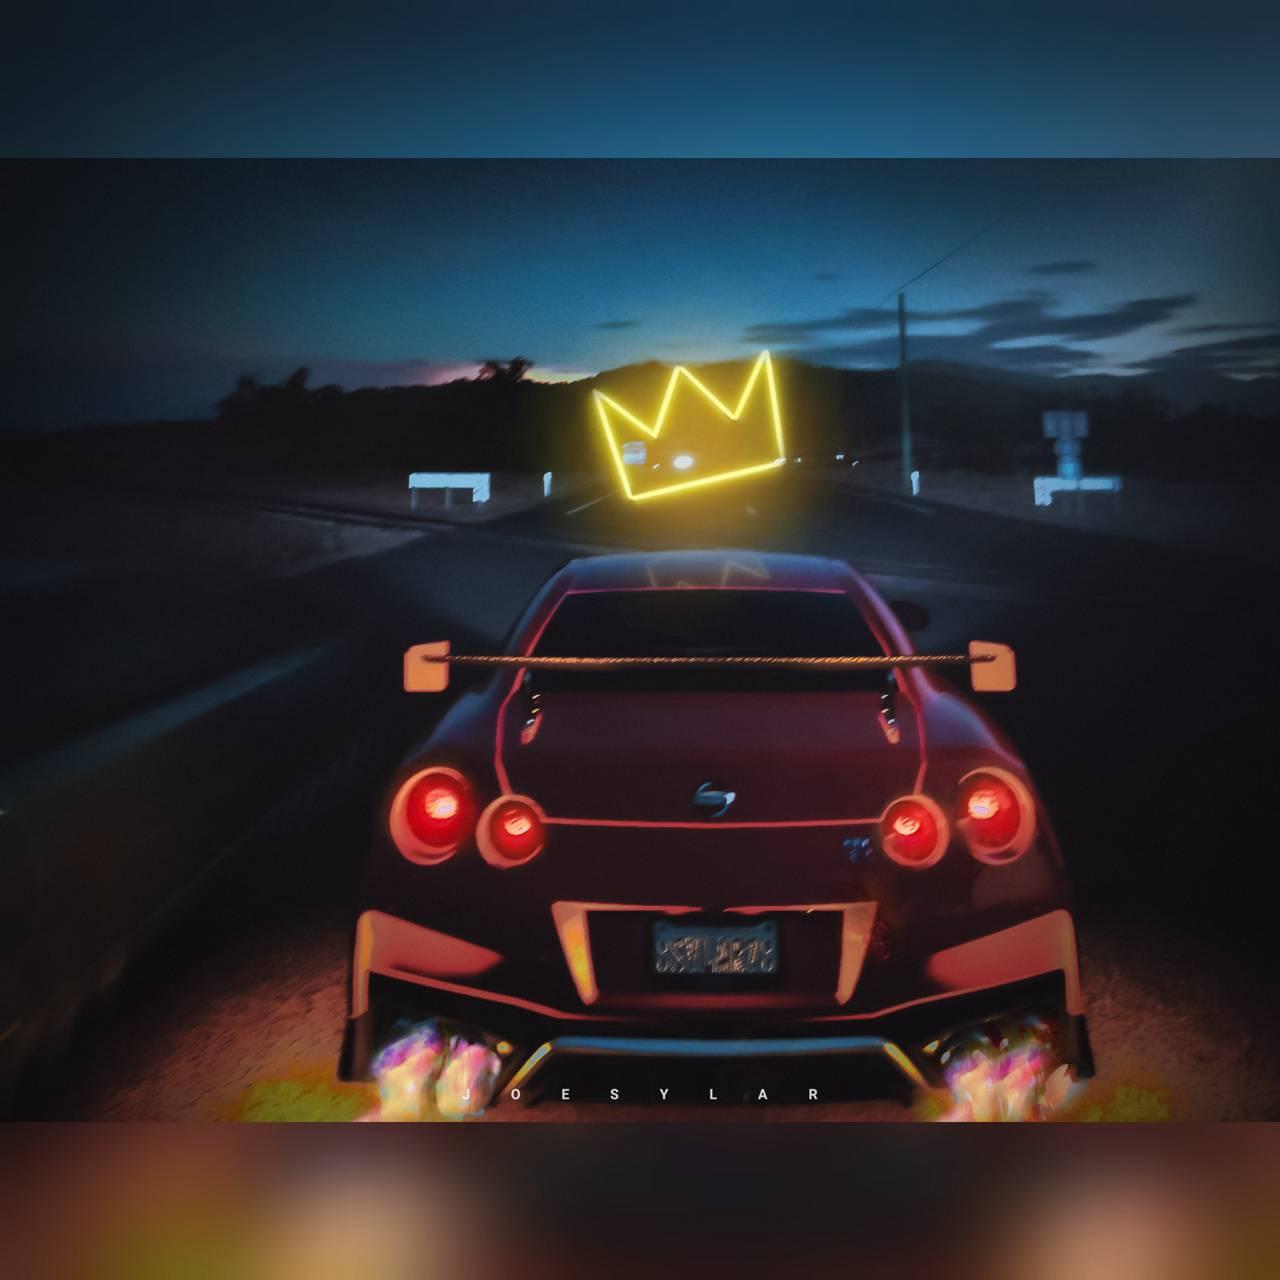 Crowned GTR